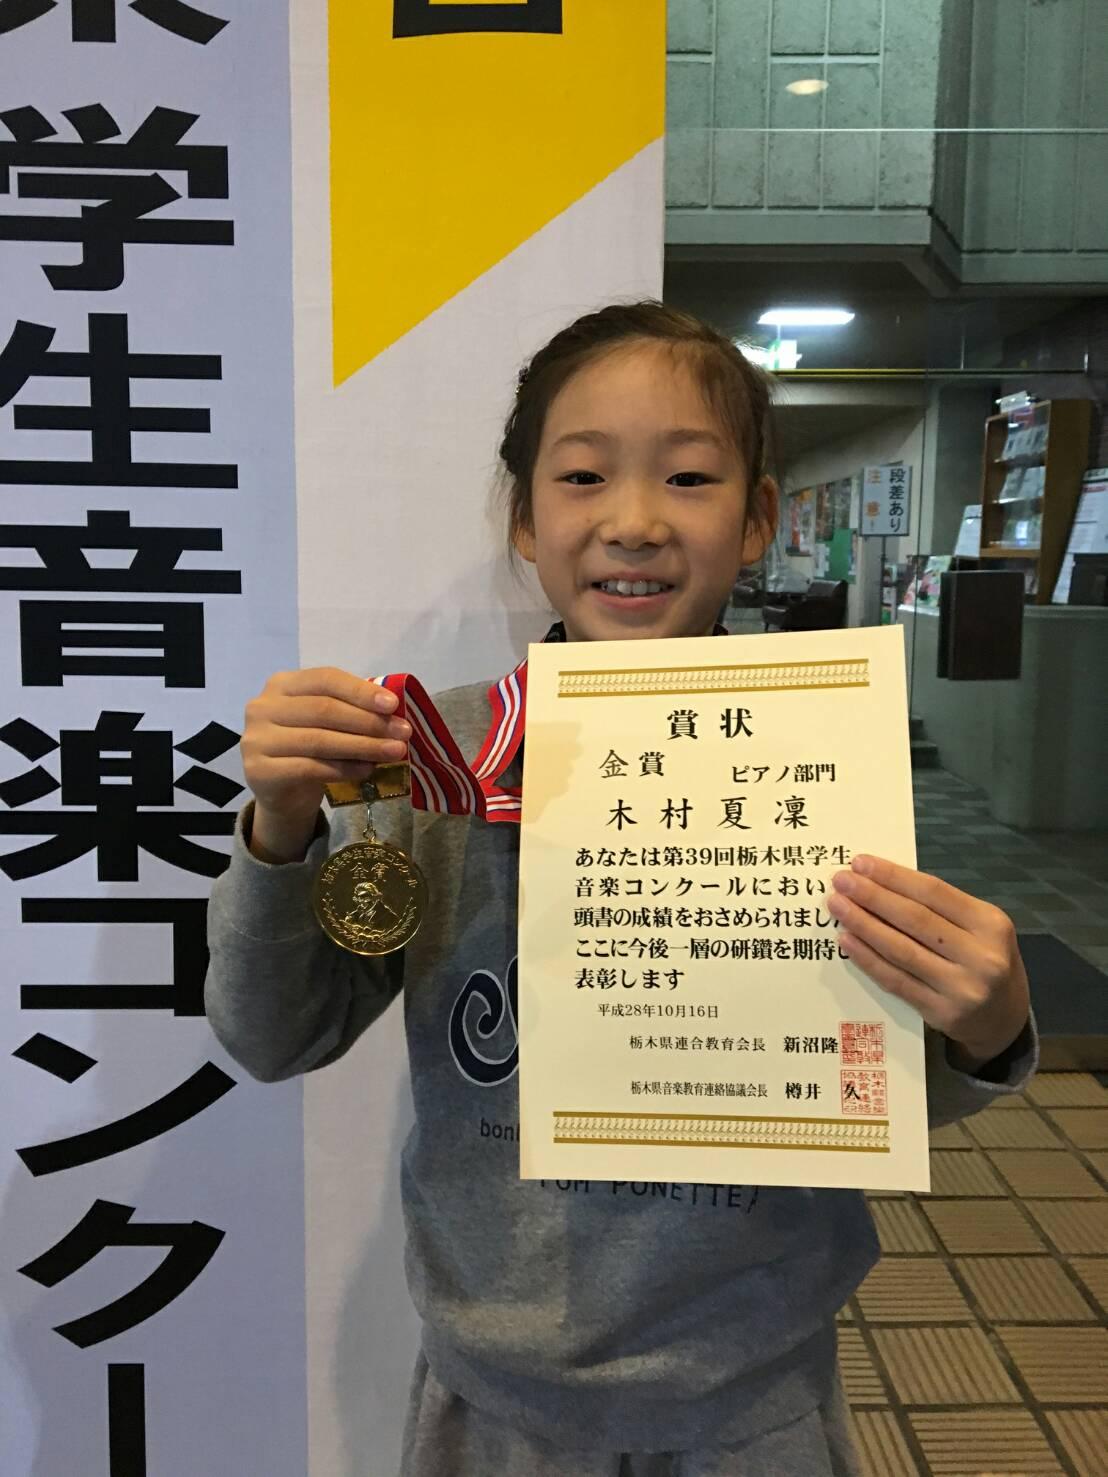 日本 学生 音楽 コンクール